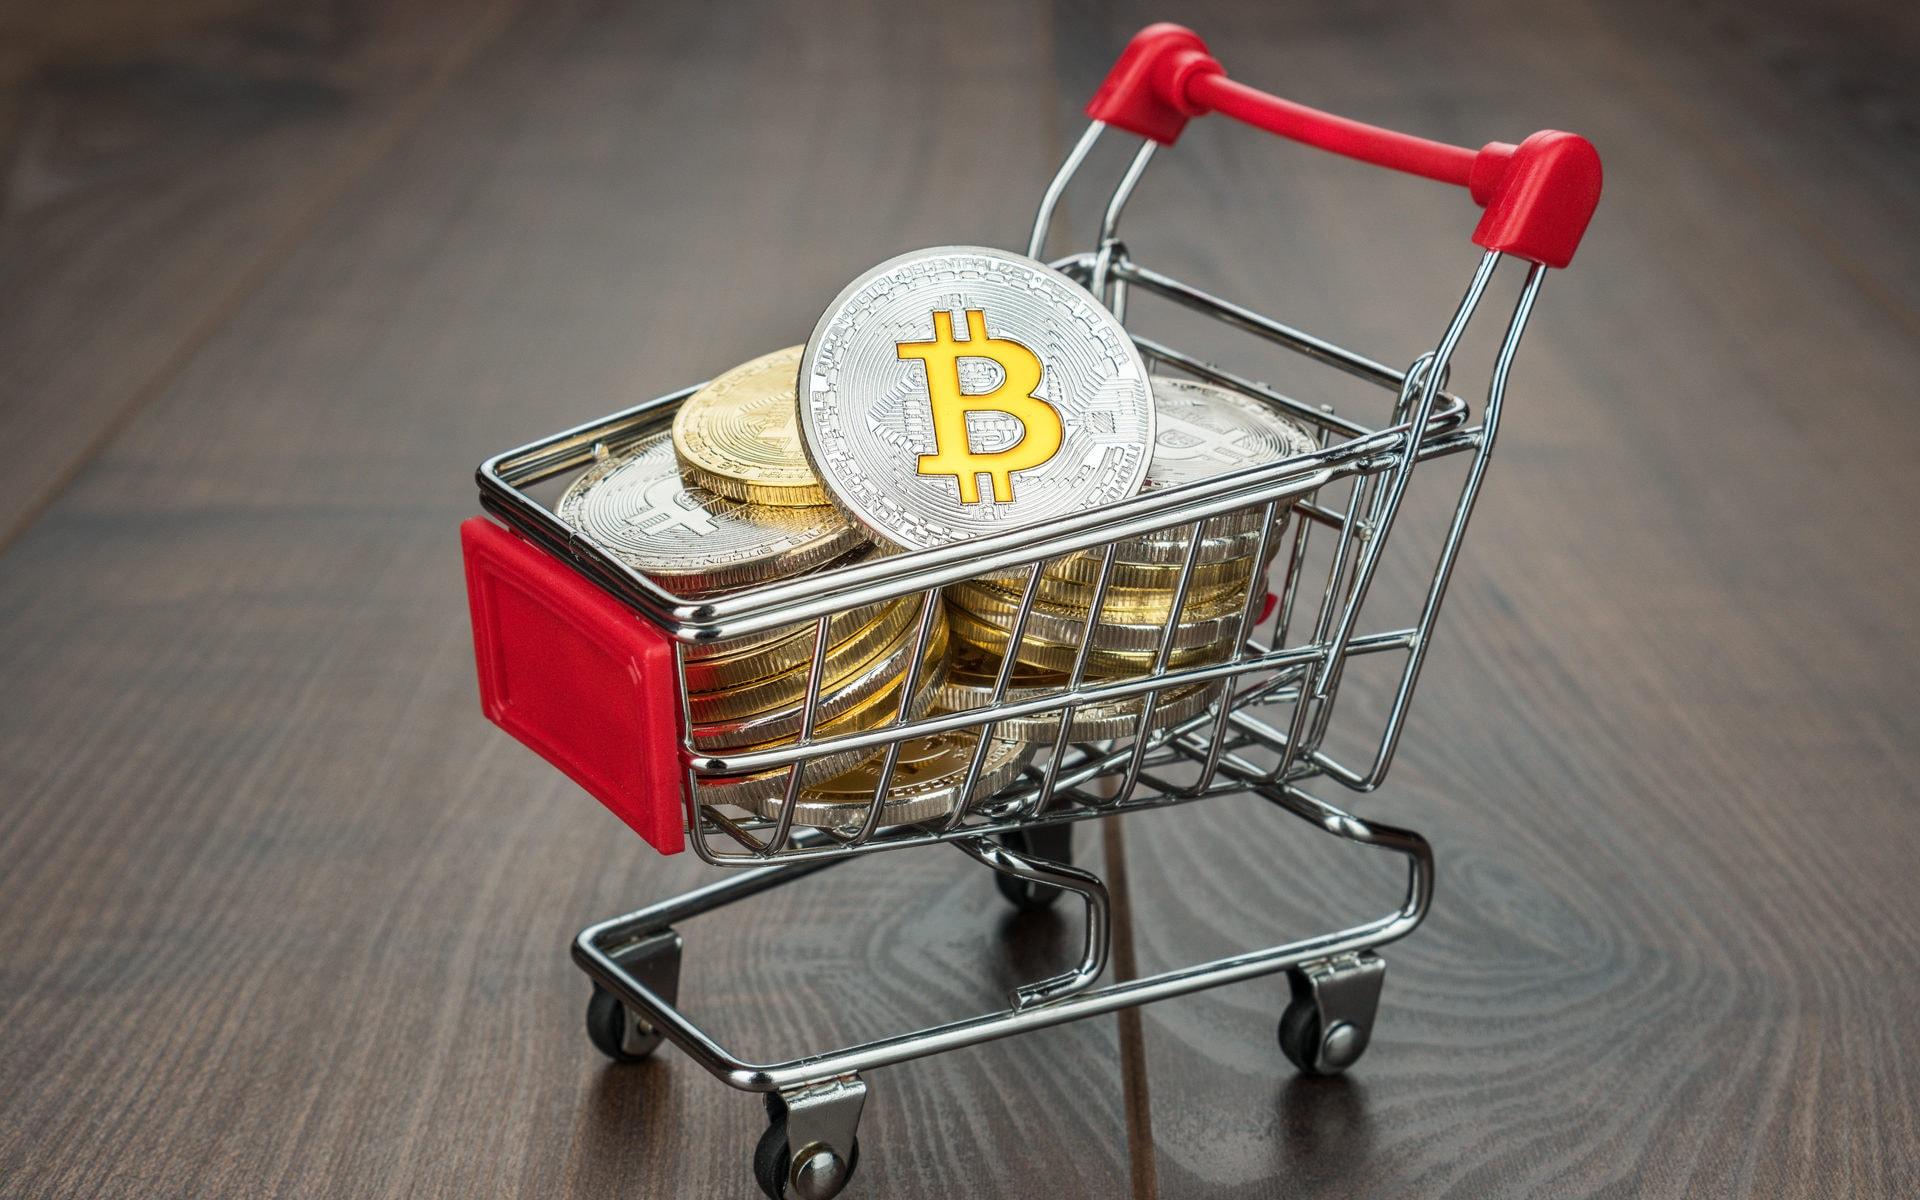 bitcoin futures great buy at $8500